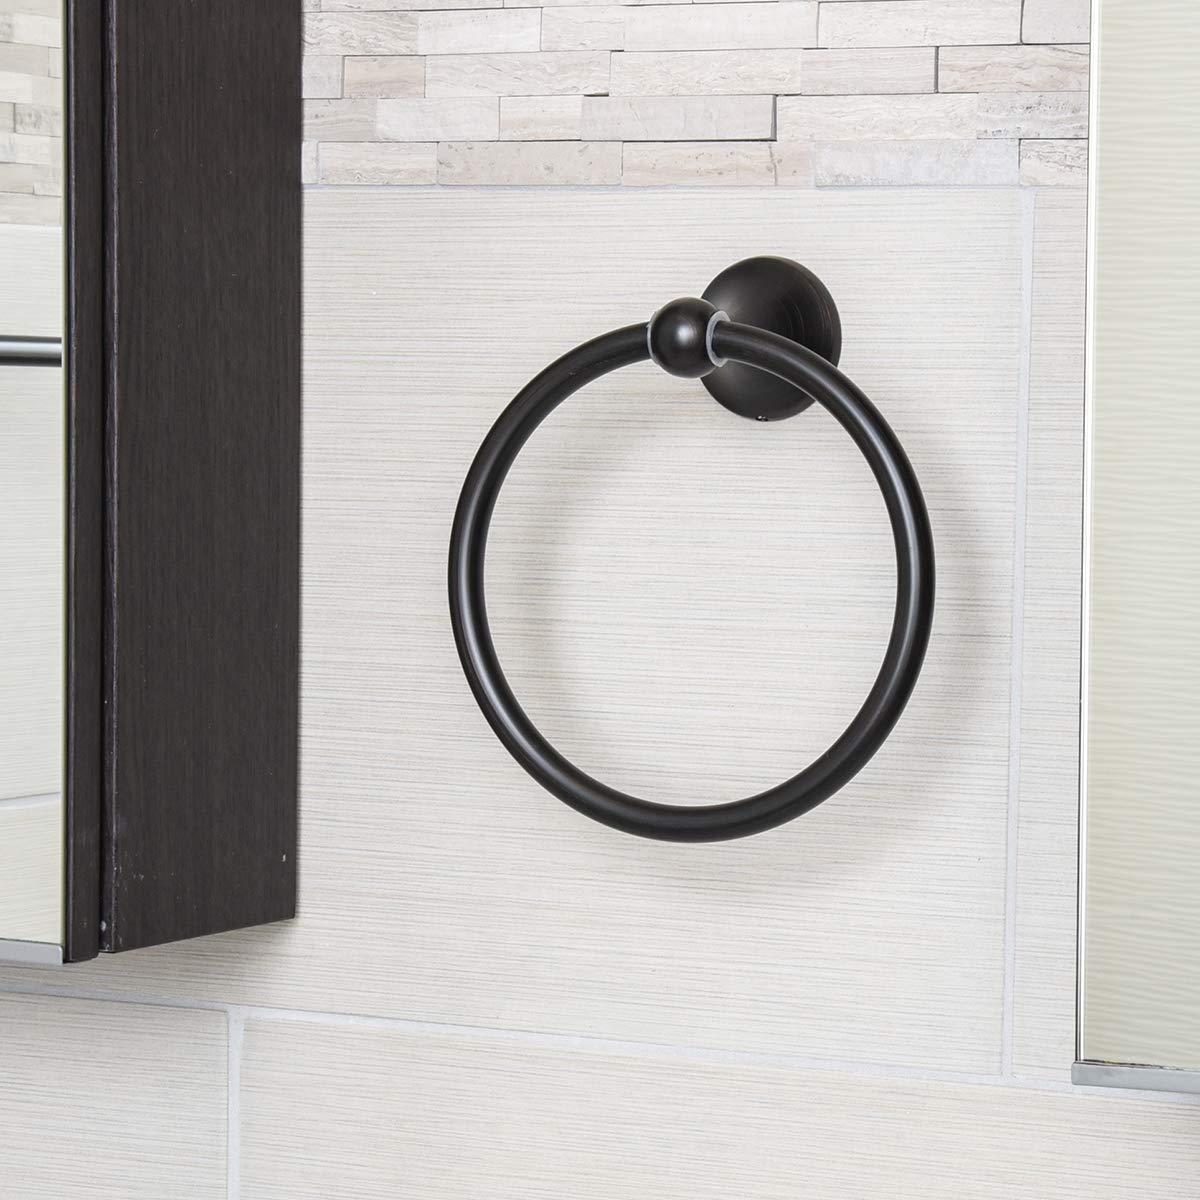 AB-BR836-SN Basics nichel satinato anello porta asciugamani